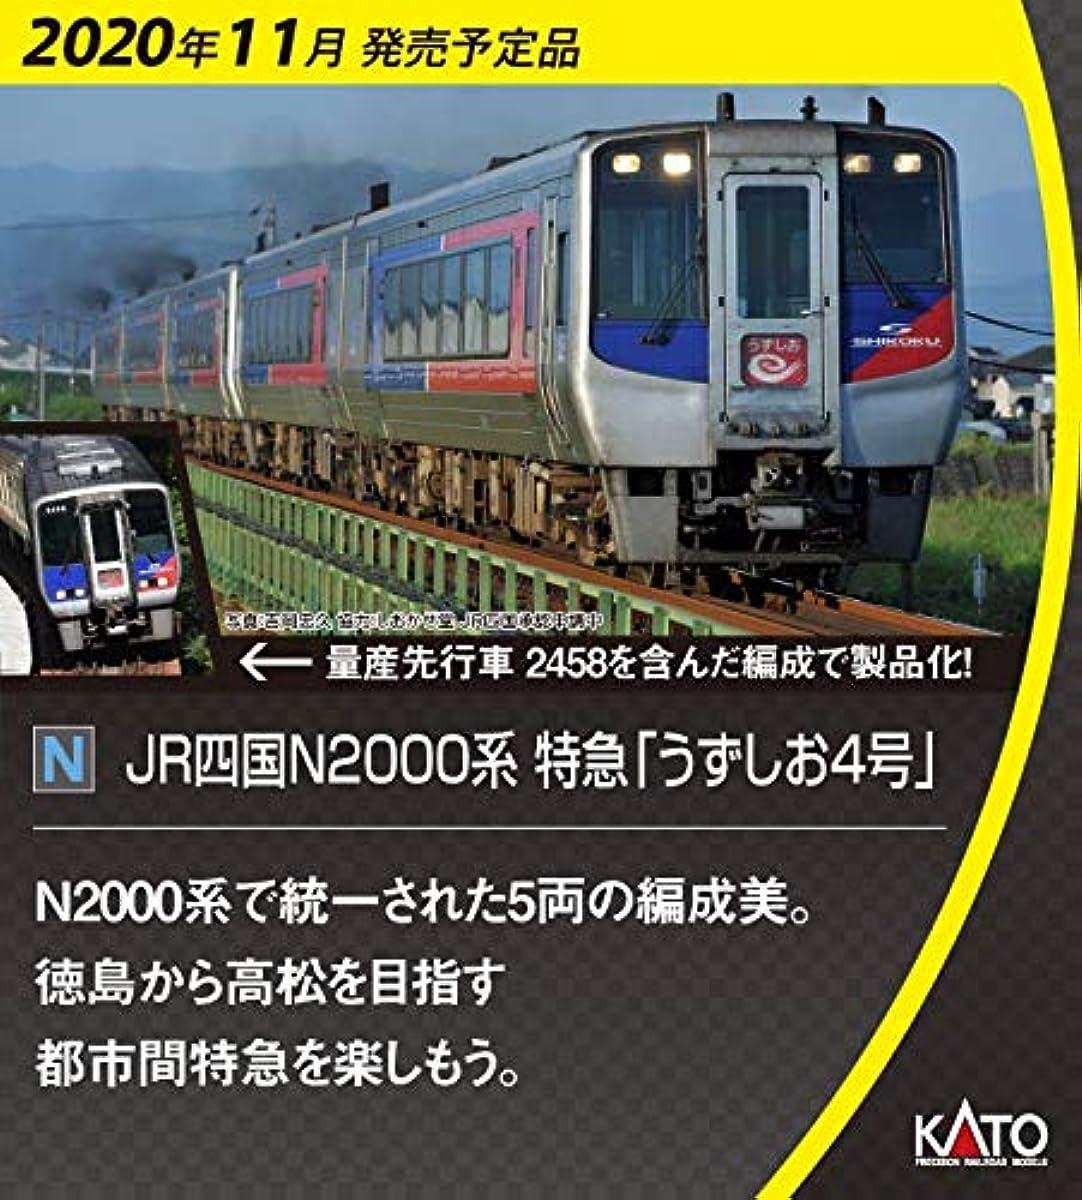 [해외] KATO N게이지 JR시코쿠N2000 계특급「우즈마키 하여 4호」5 양세트 특별 기획품 10-1628 철도 모형 디젤 카